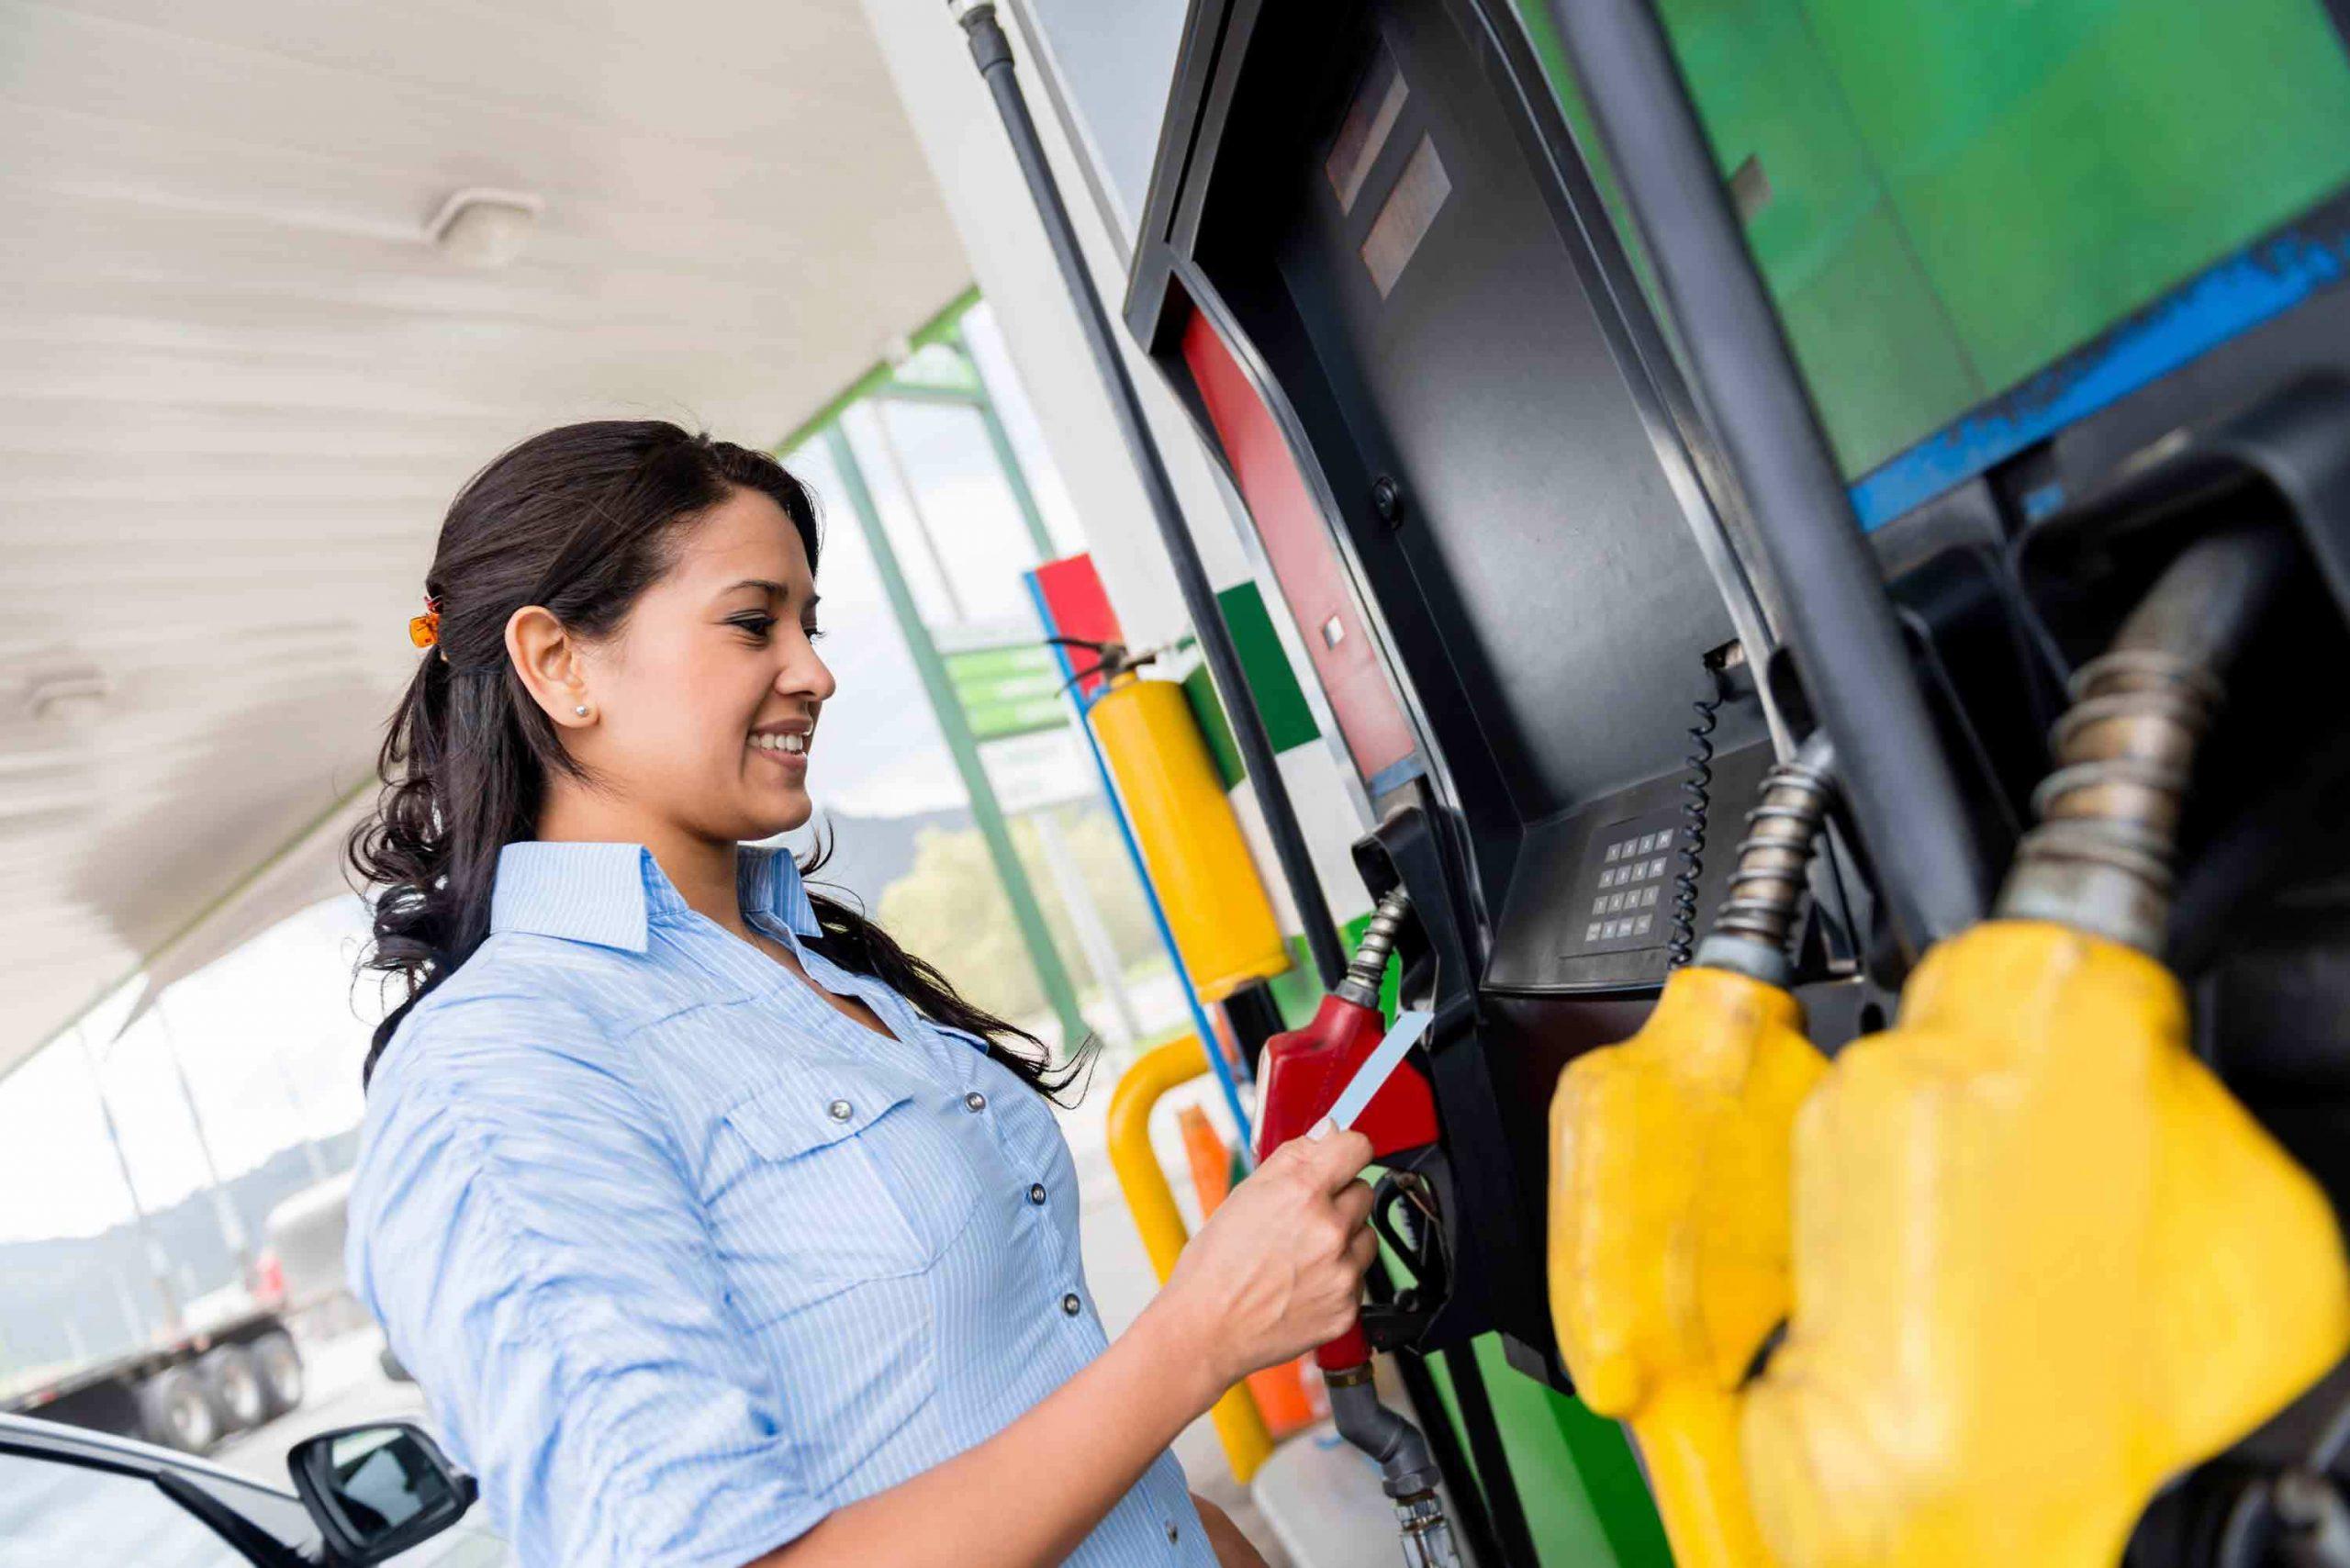 Prezzo metano auto: choc per gli automobilisti, costo alle stelle